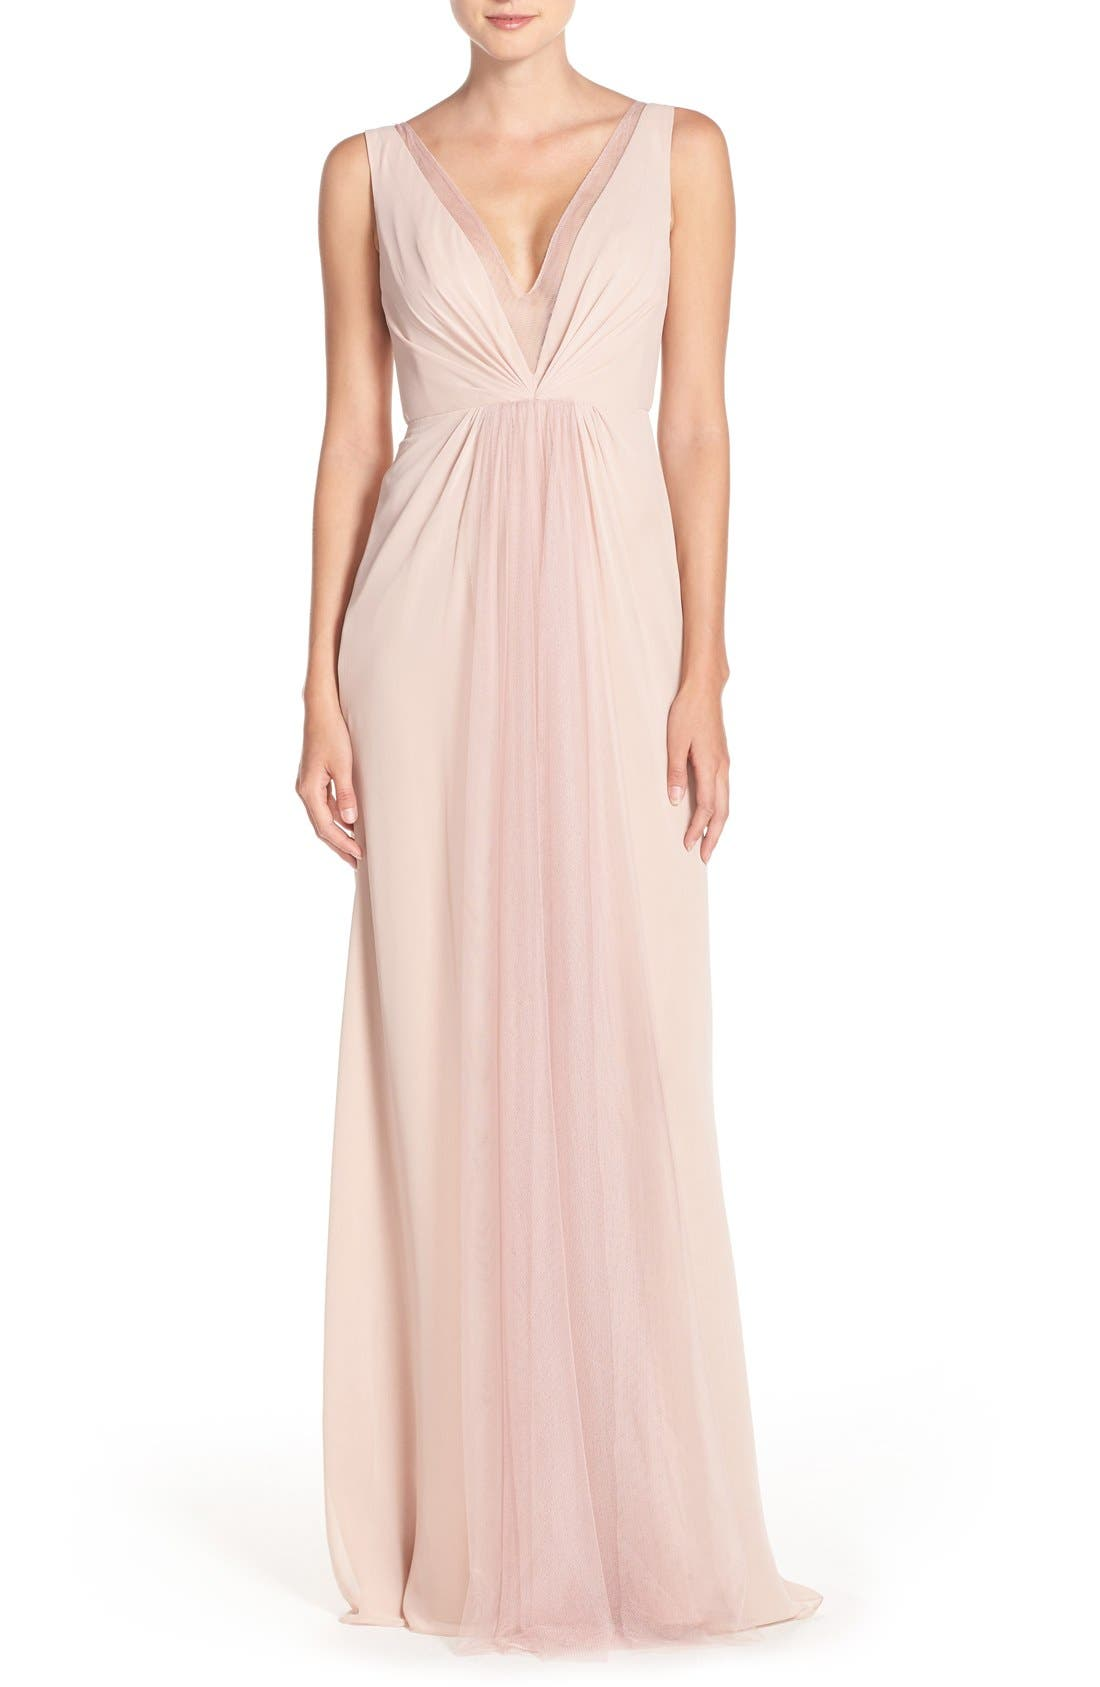 Monique Lhuillier Bridesmaids Deep V-Neck Chiffon & Tulle Gown